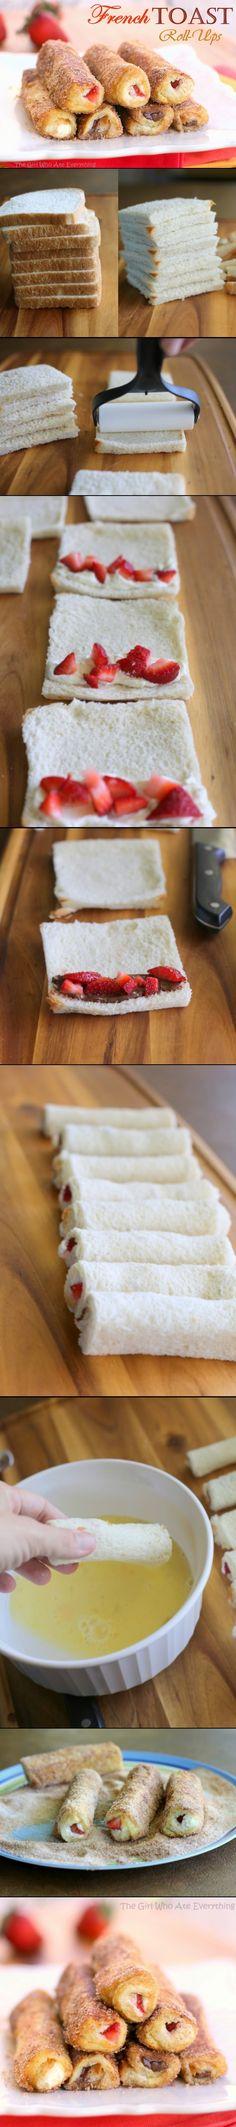 8 piezas de pan,nutella, frutas, 2 oeufs, 1/3 taza azucar,canela